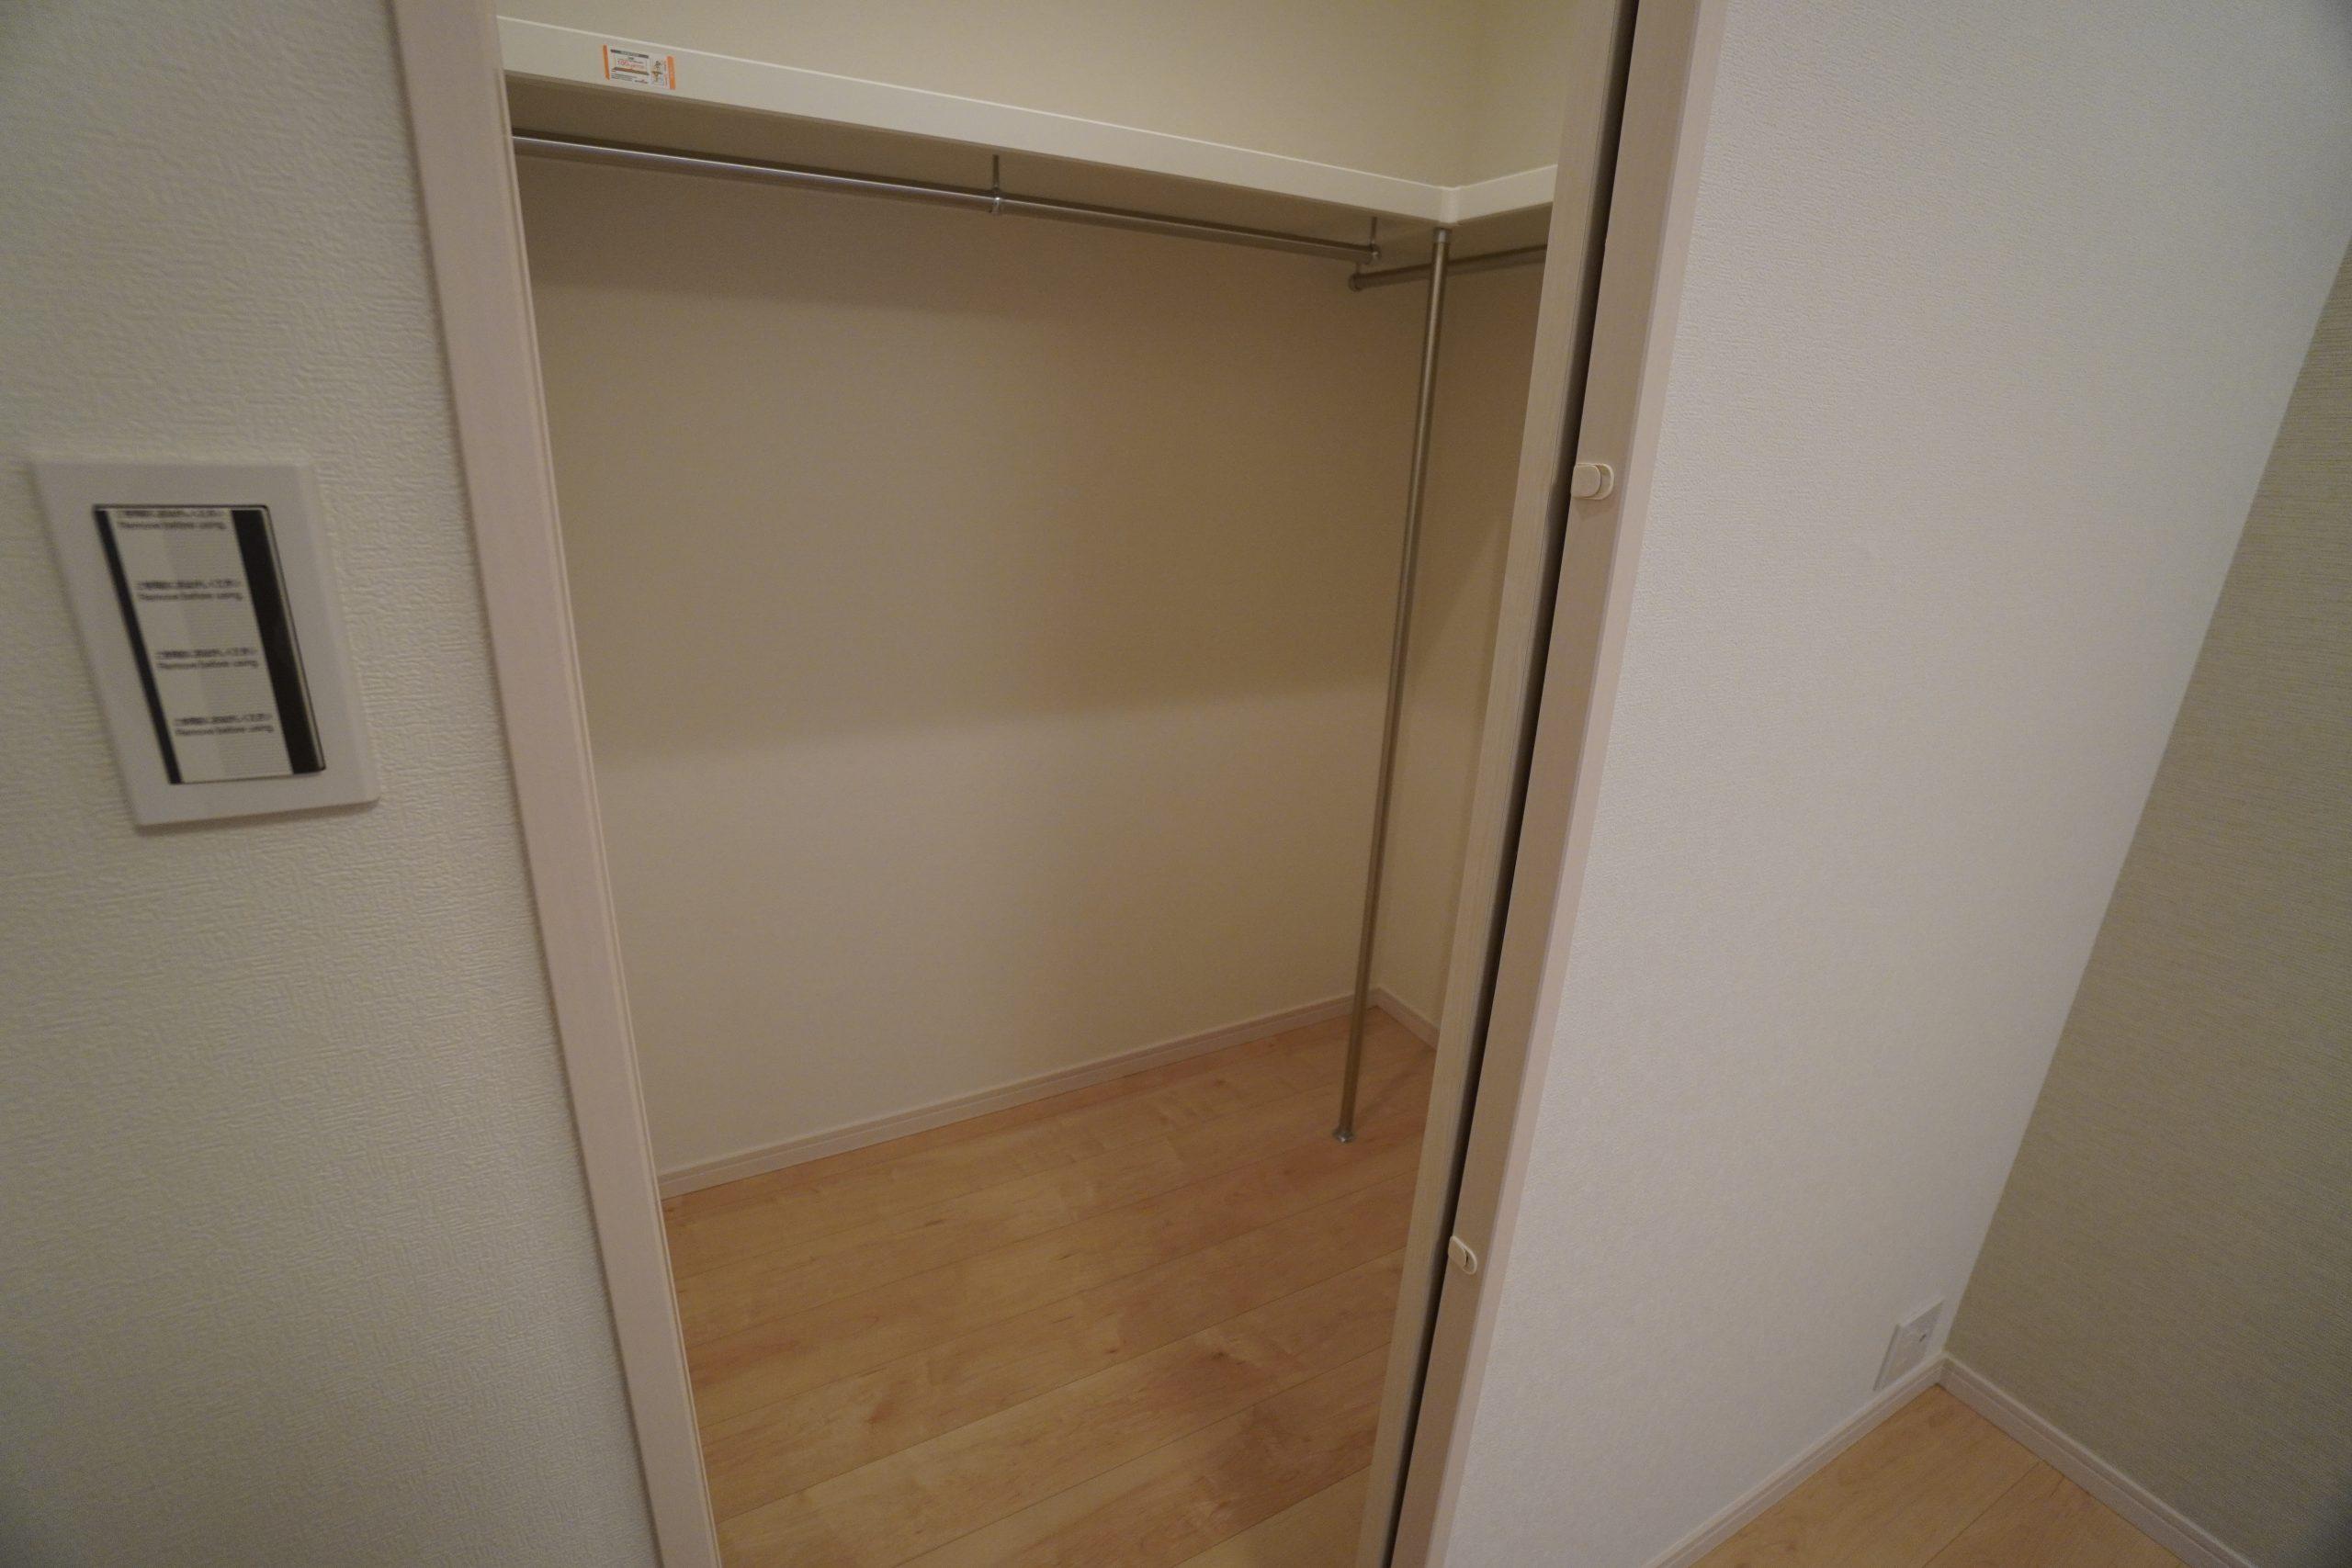 目黒ロイヤルハイツ 304号室の写真7